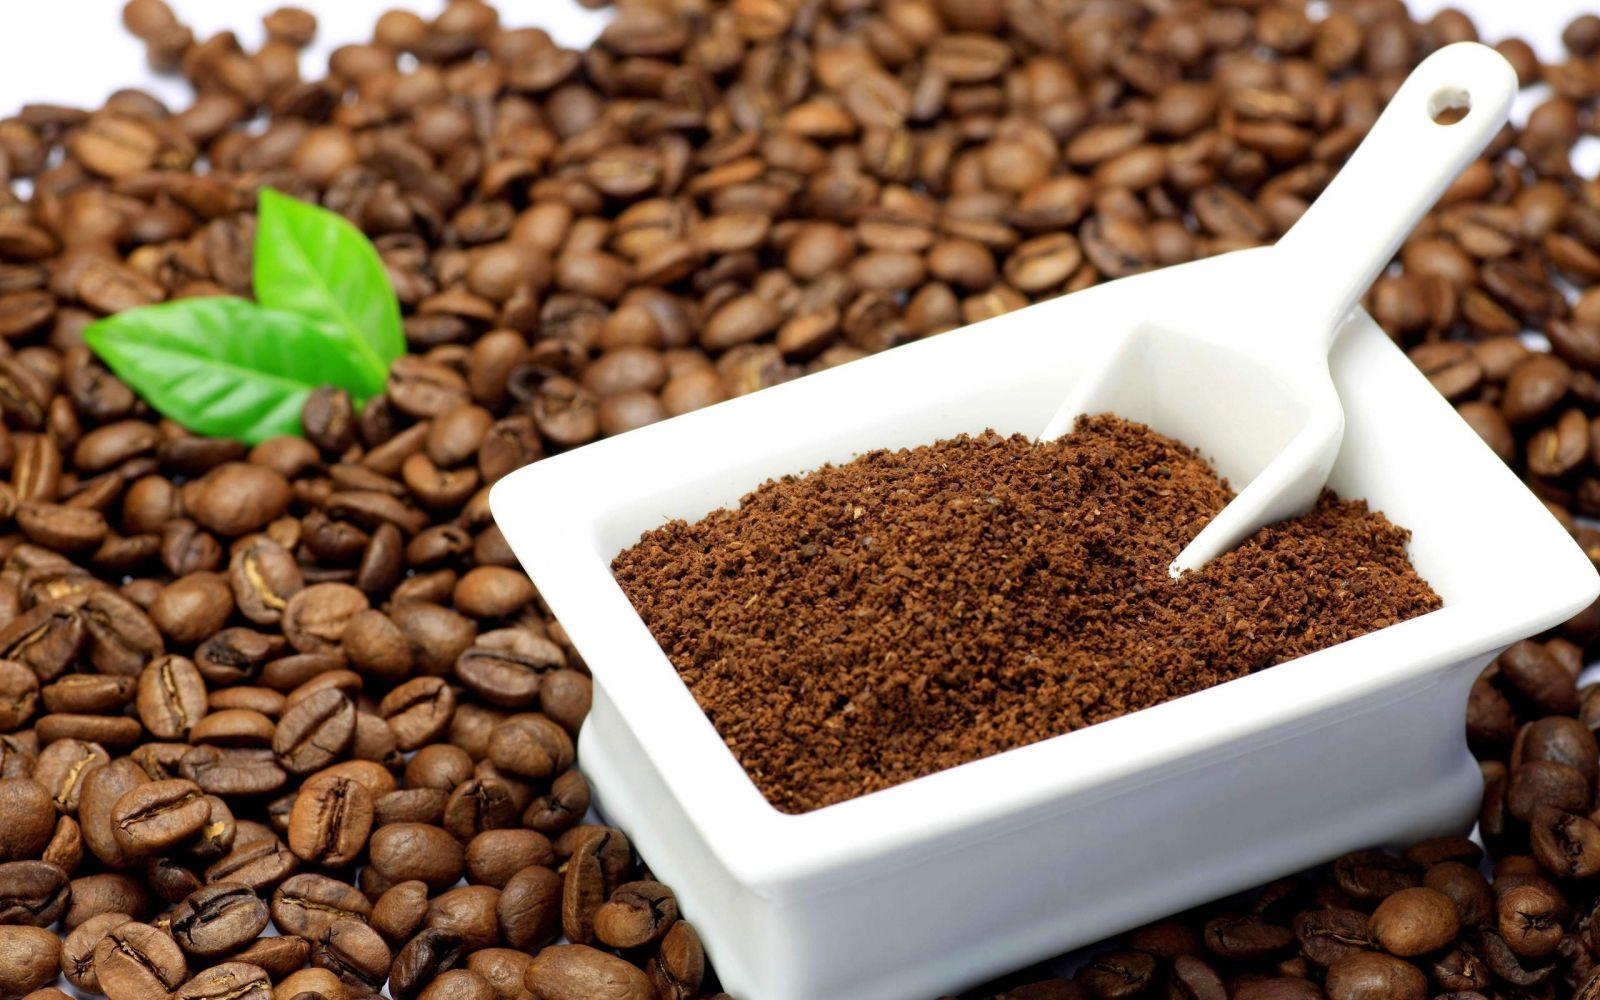 Khi uống cà phê bạn không nên đổ bỏ bã đi bởi đây là một trong những chất giúp khử mùi tủ lạnh hiệu quả